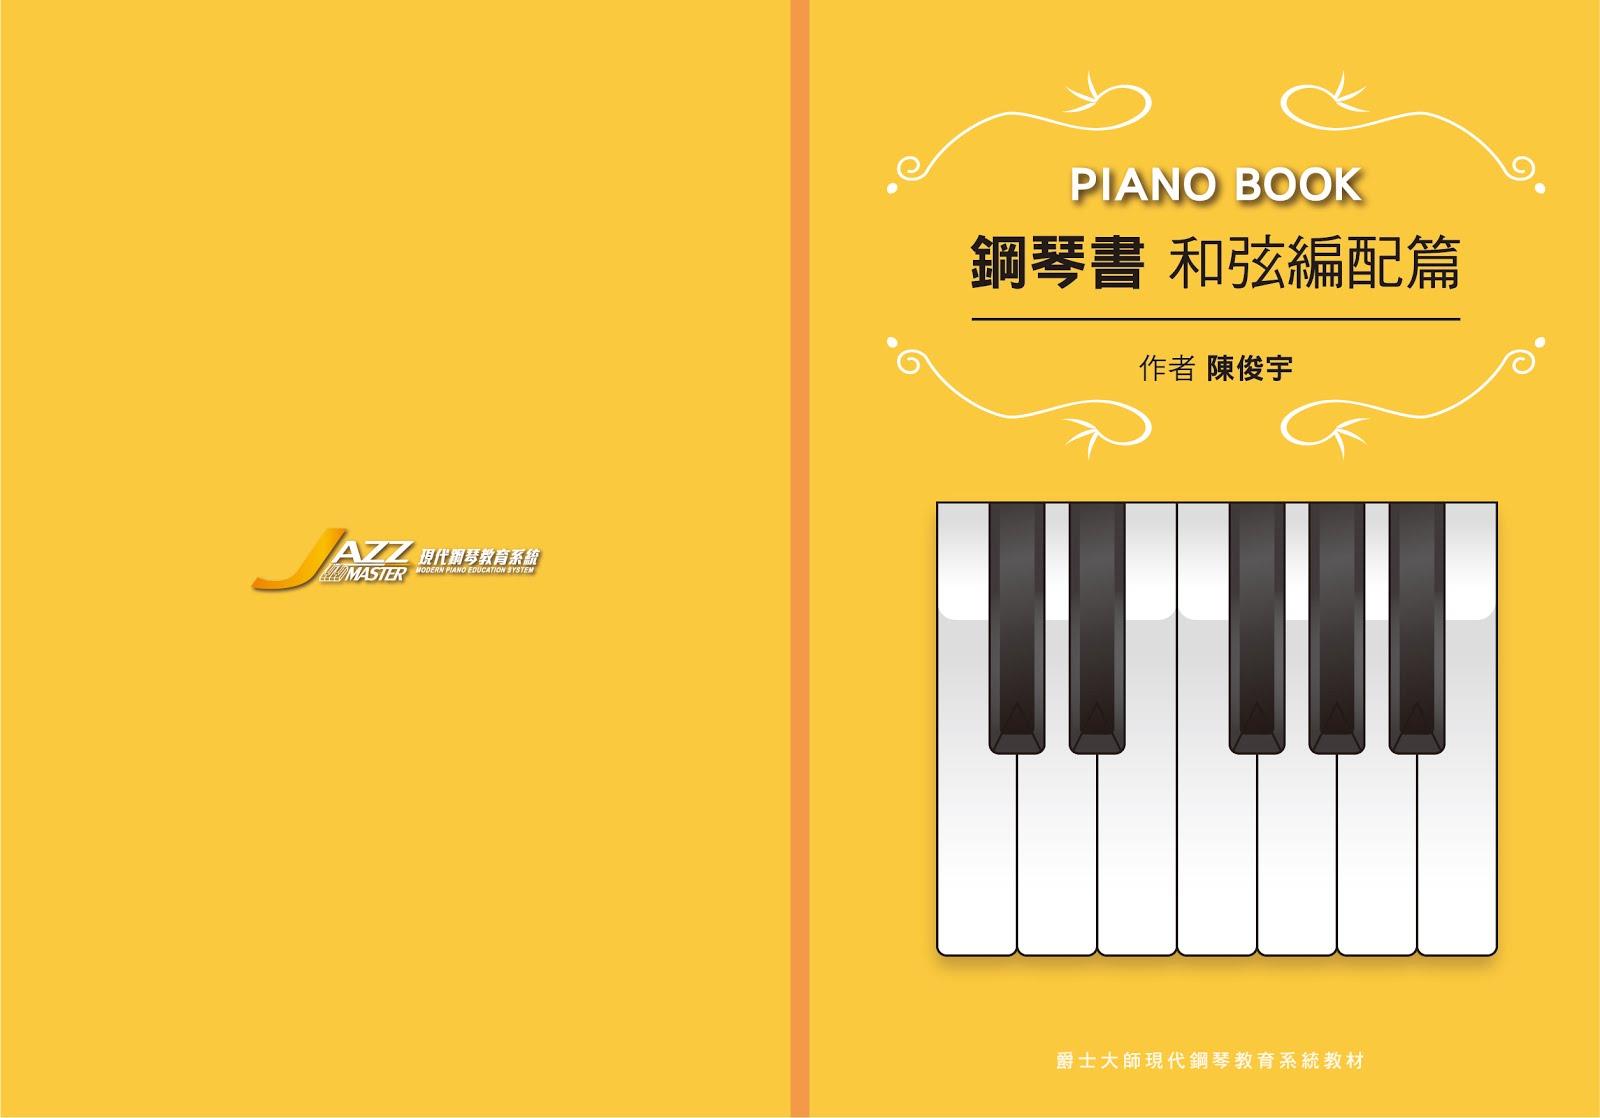 PIANO BOOK 鋼琴書-和弦編配篇